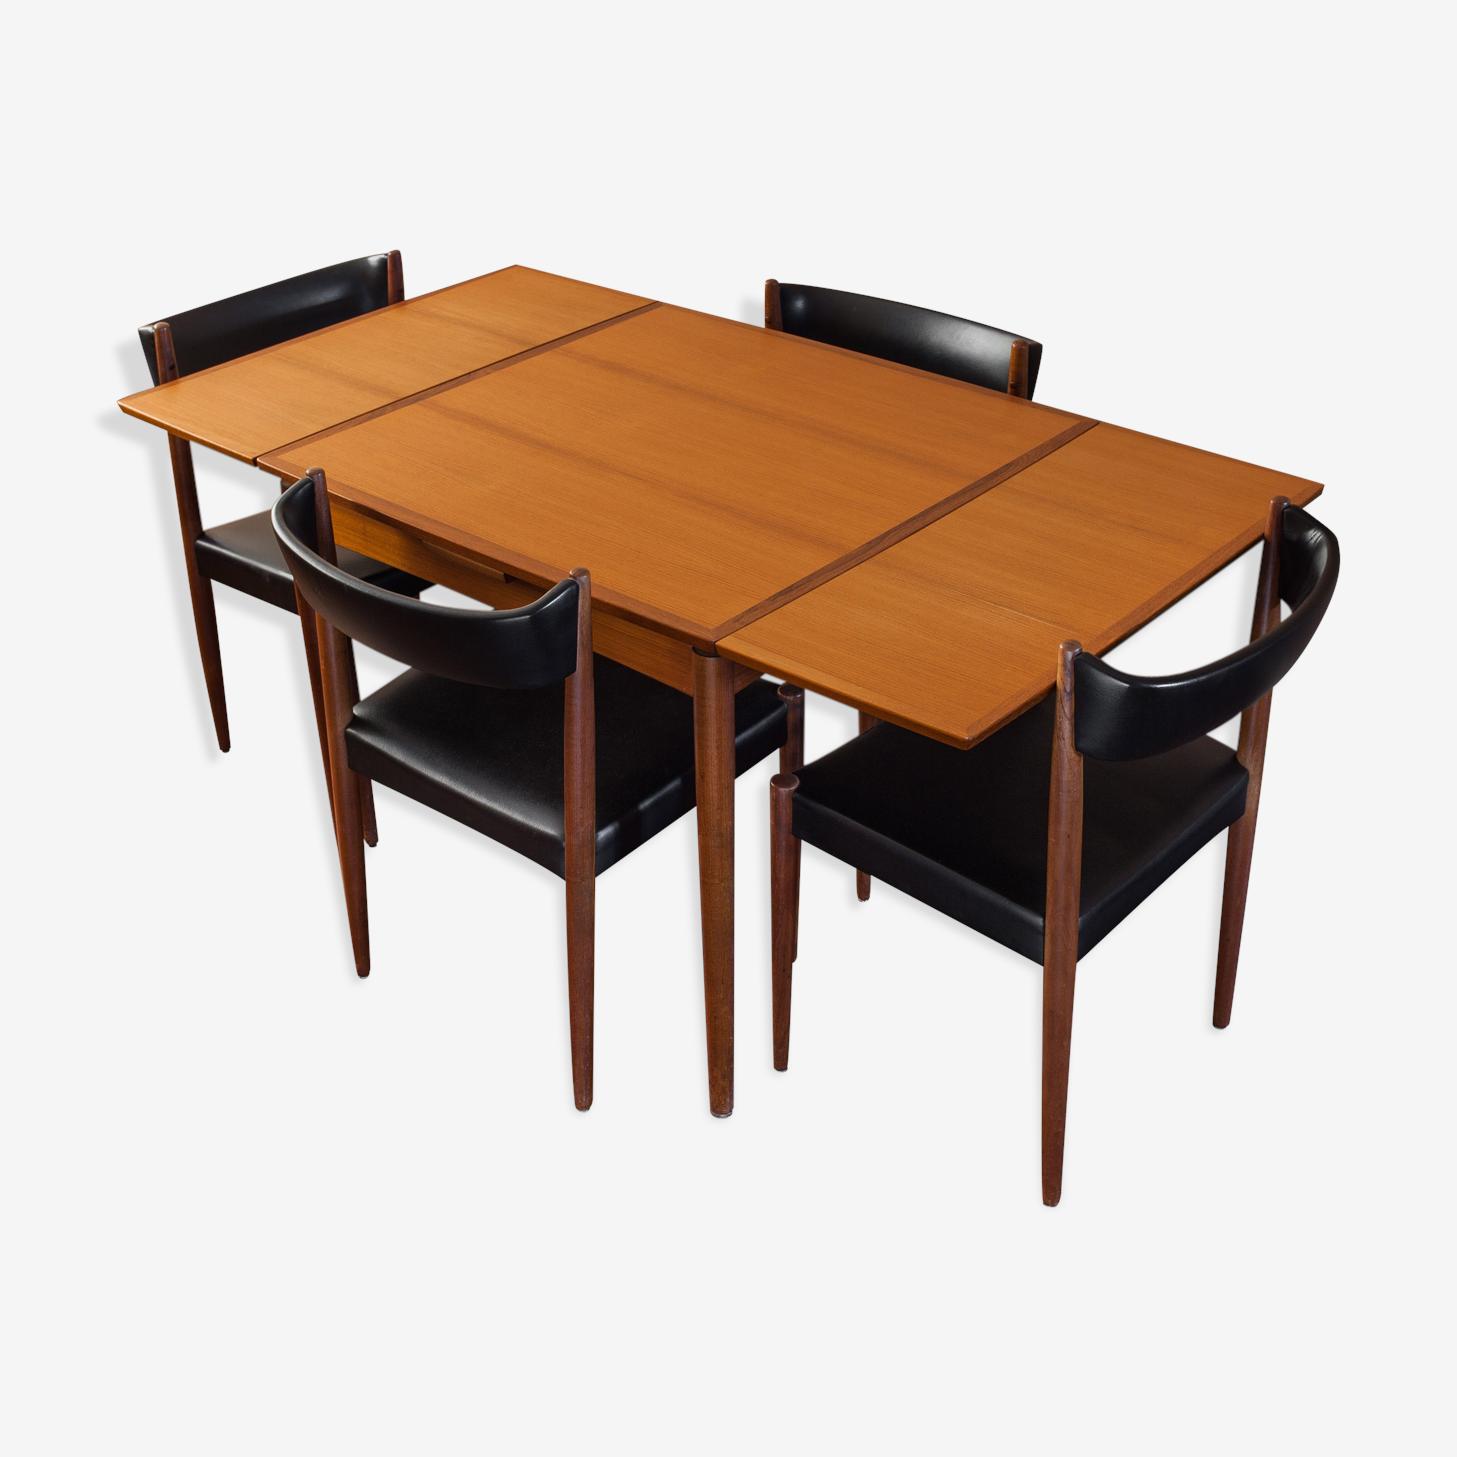 Roche Et Bobois Chaises table roche bobois en teck et 4 chaises 1969 - teck - bois (couleur